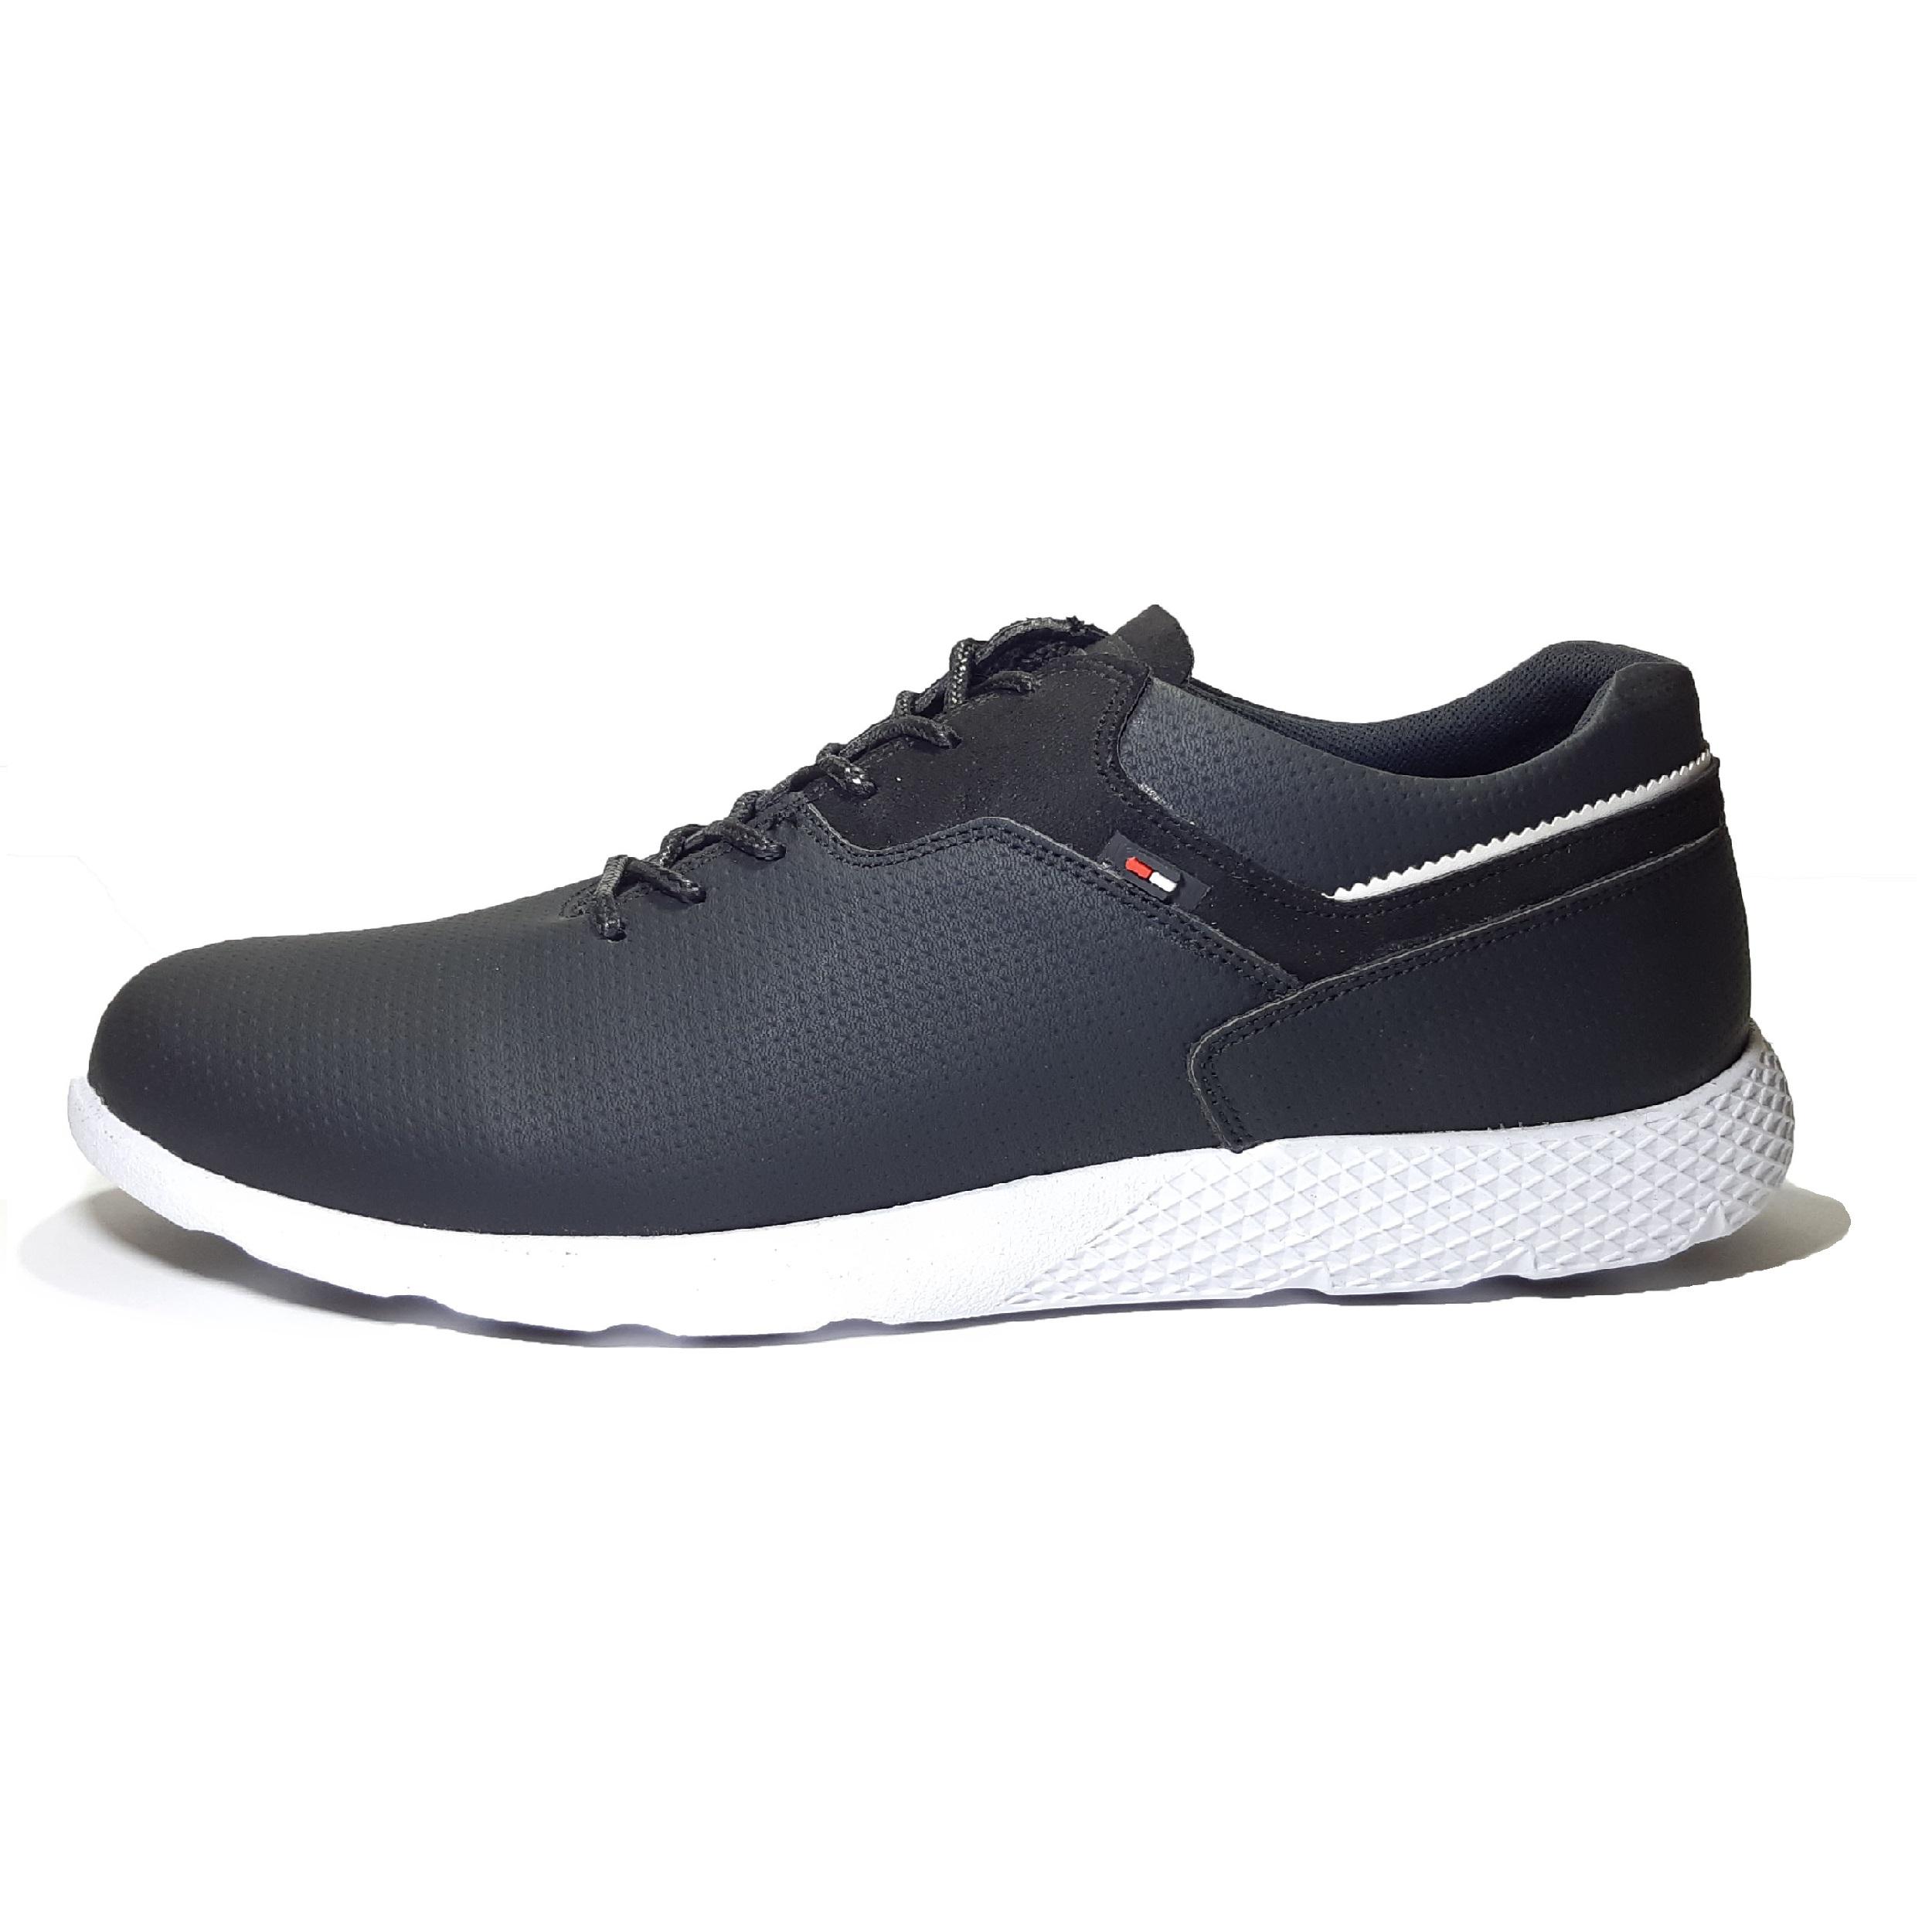 کفش مخصوص پیاده روی مردانه مدل گلزار